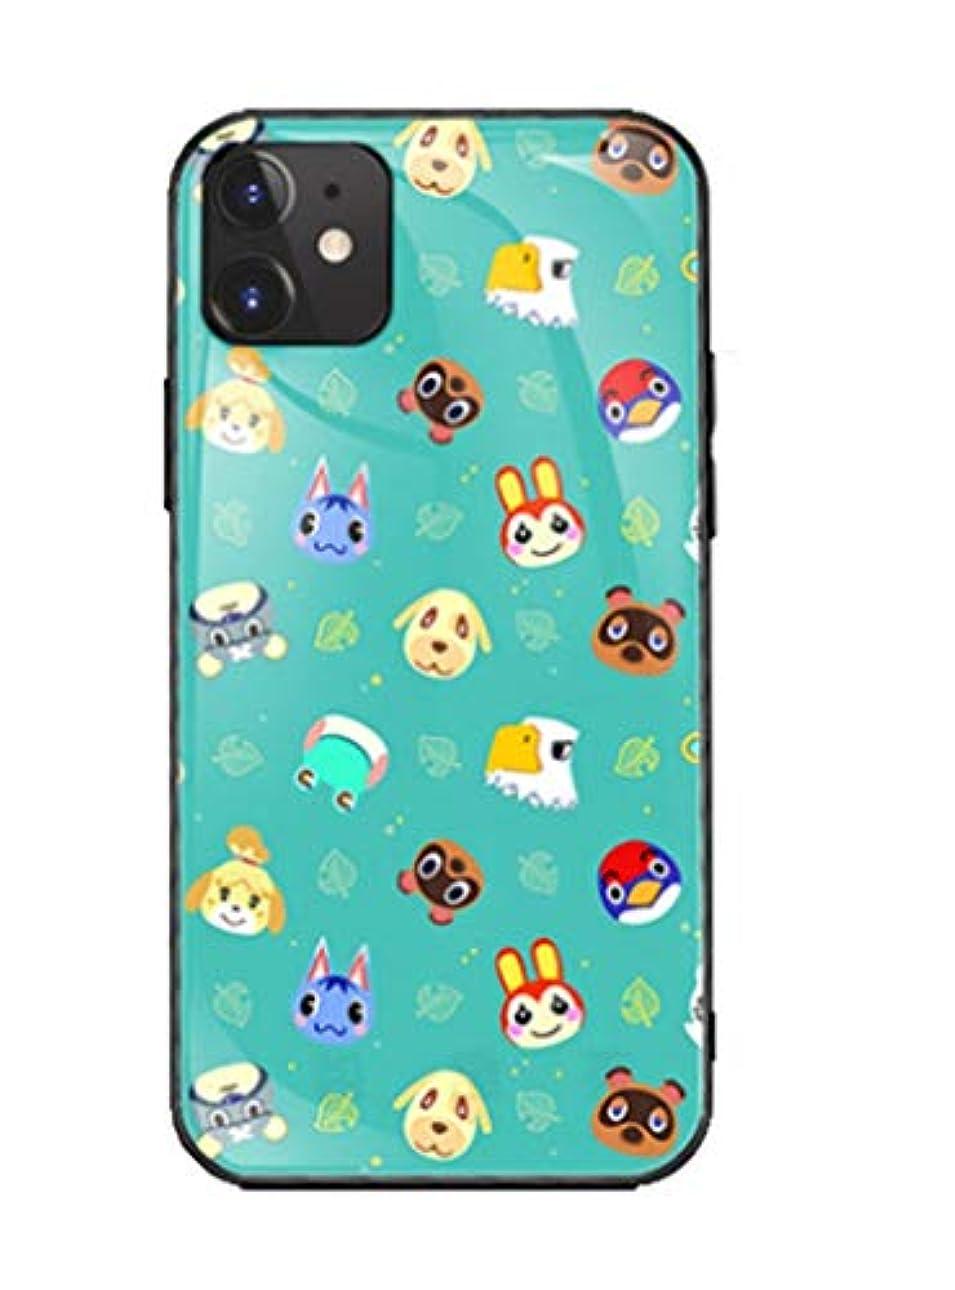 プロトタイプ味配管【Grace Bubble】あつまれ どうぶつの森 Animal Crossing アイフォン スマホケース iPhone7 8 X XR ガラス 携帯カバー 鏡面ガラス ハードケース (仕様B, iPhone XR)